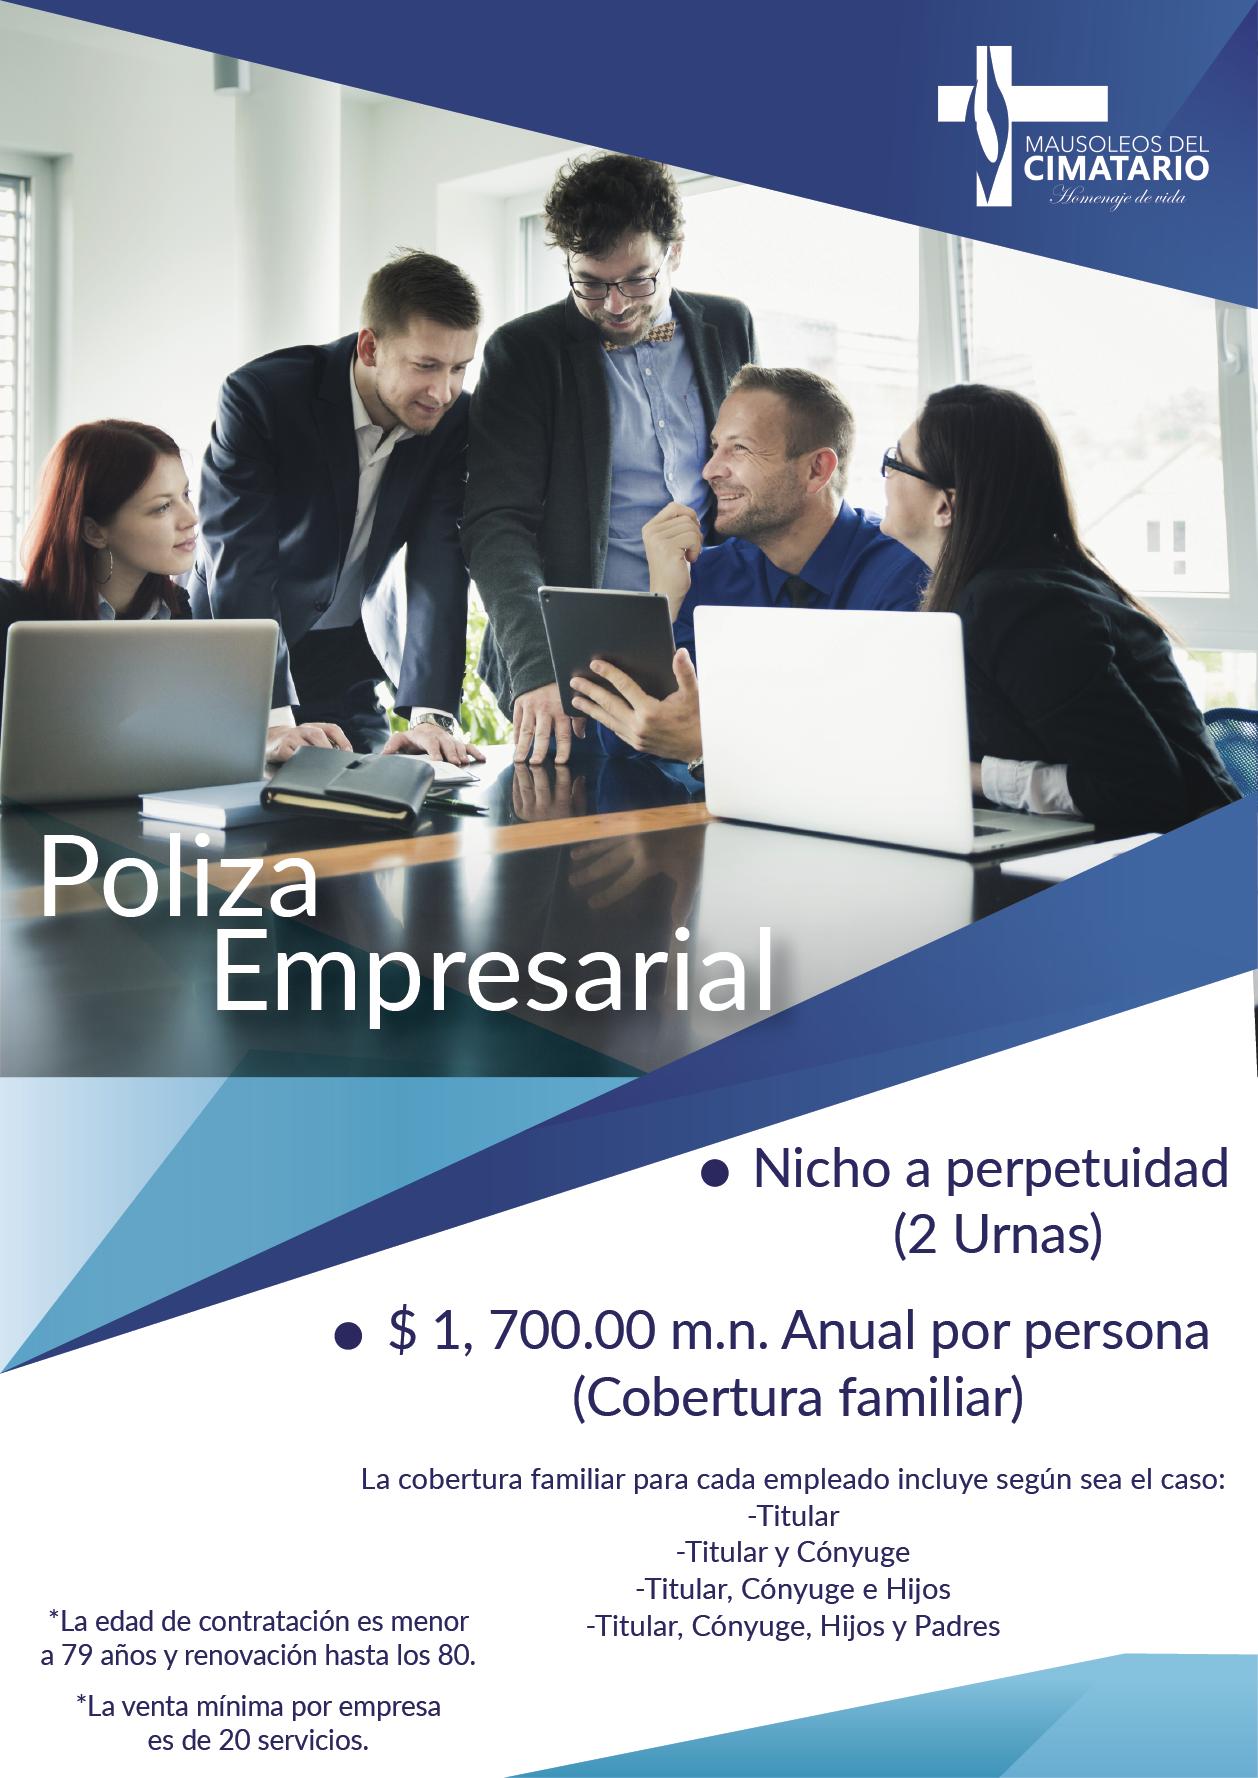 Póliza Empresarial